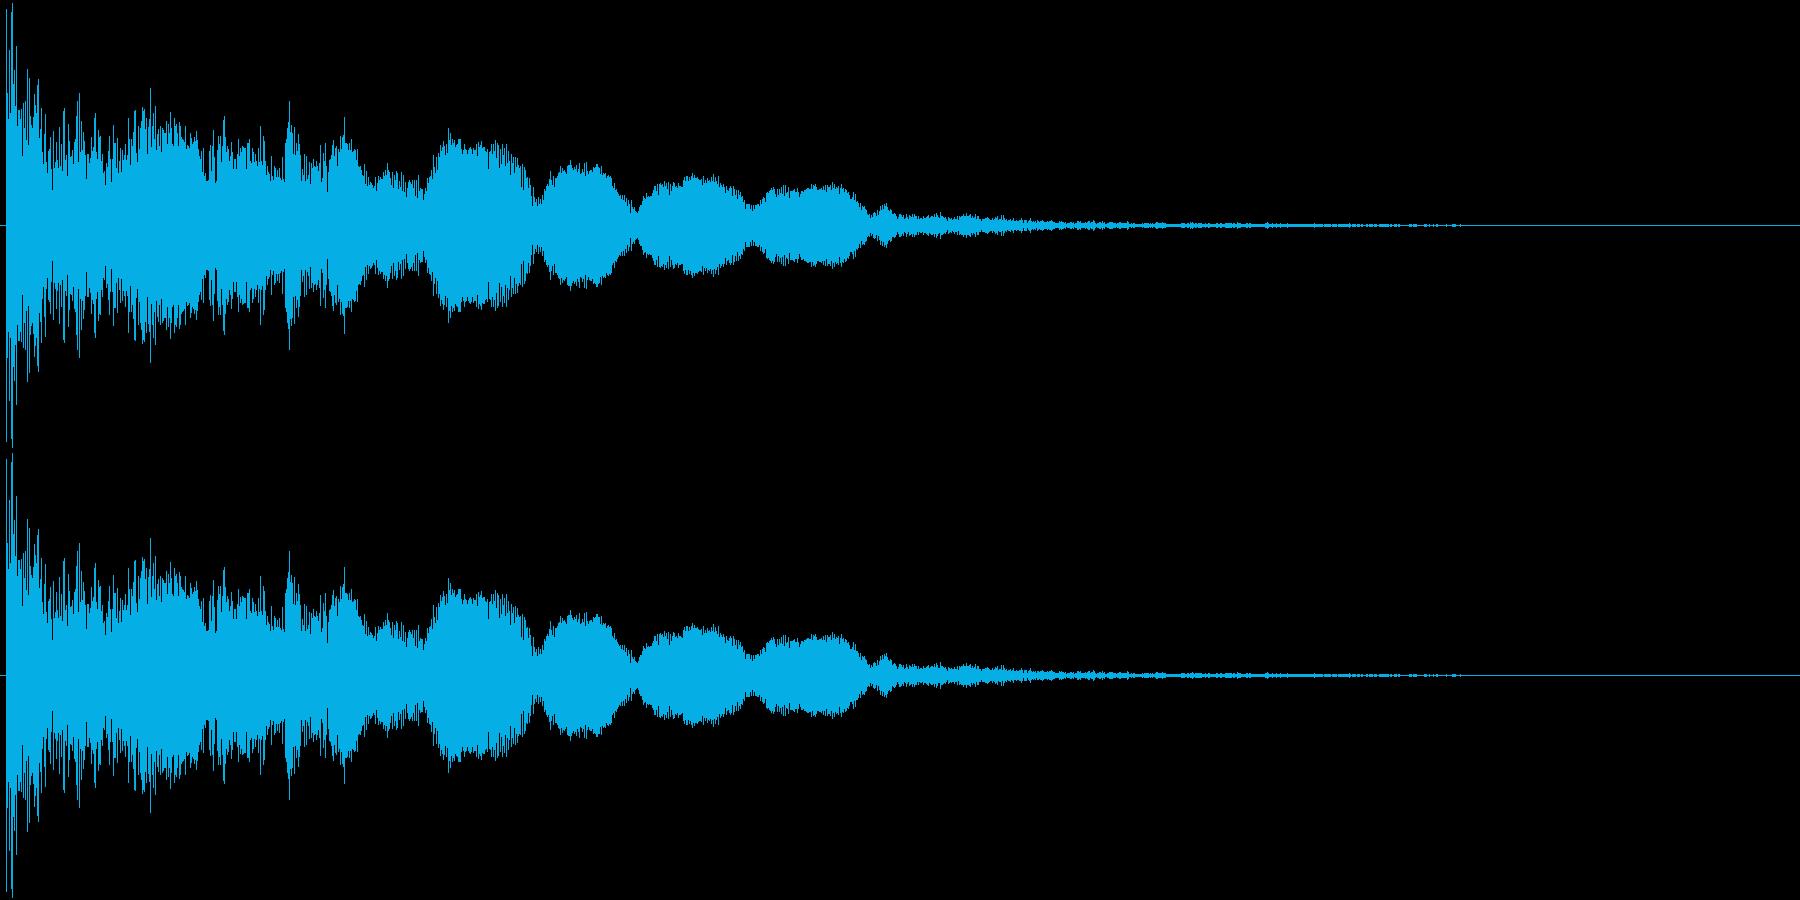 【和風】尺八・琴風・ジングル等にの再生済みの波形